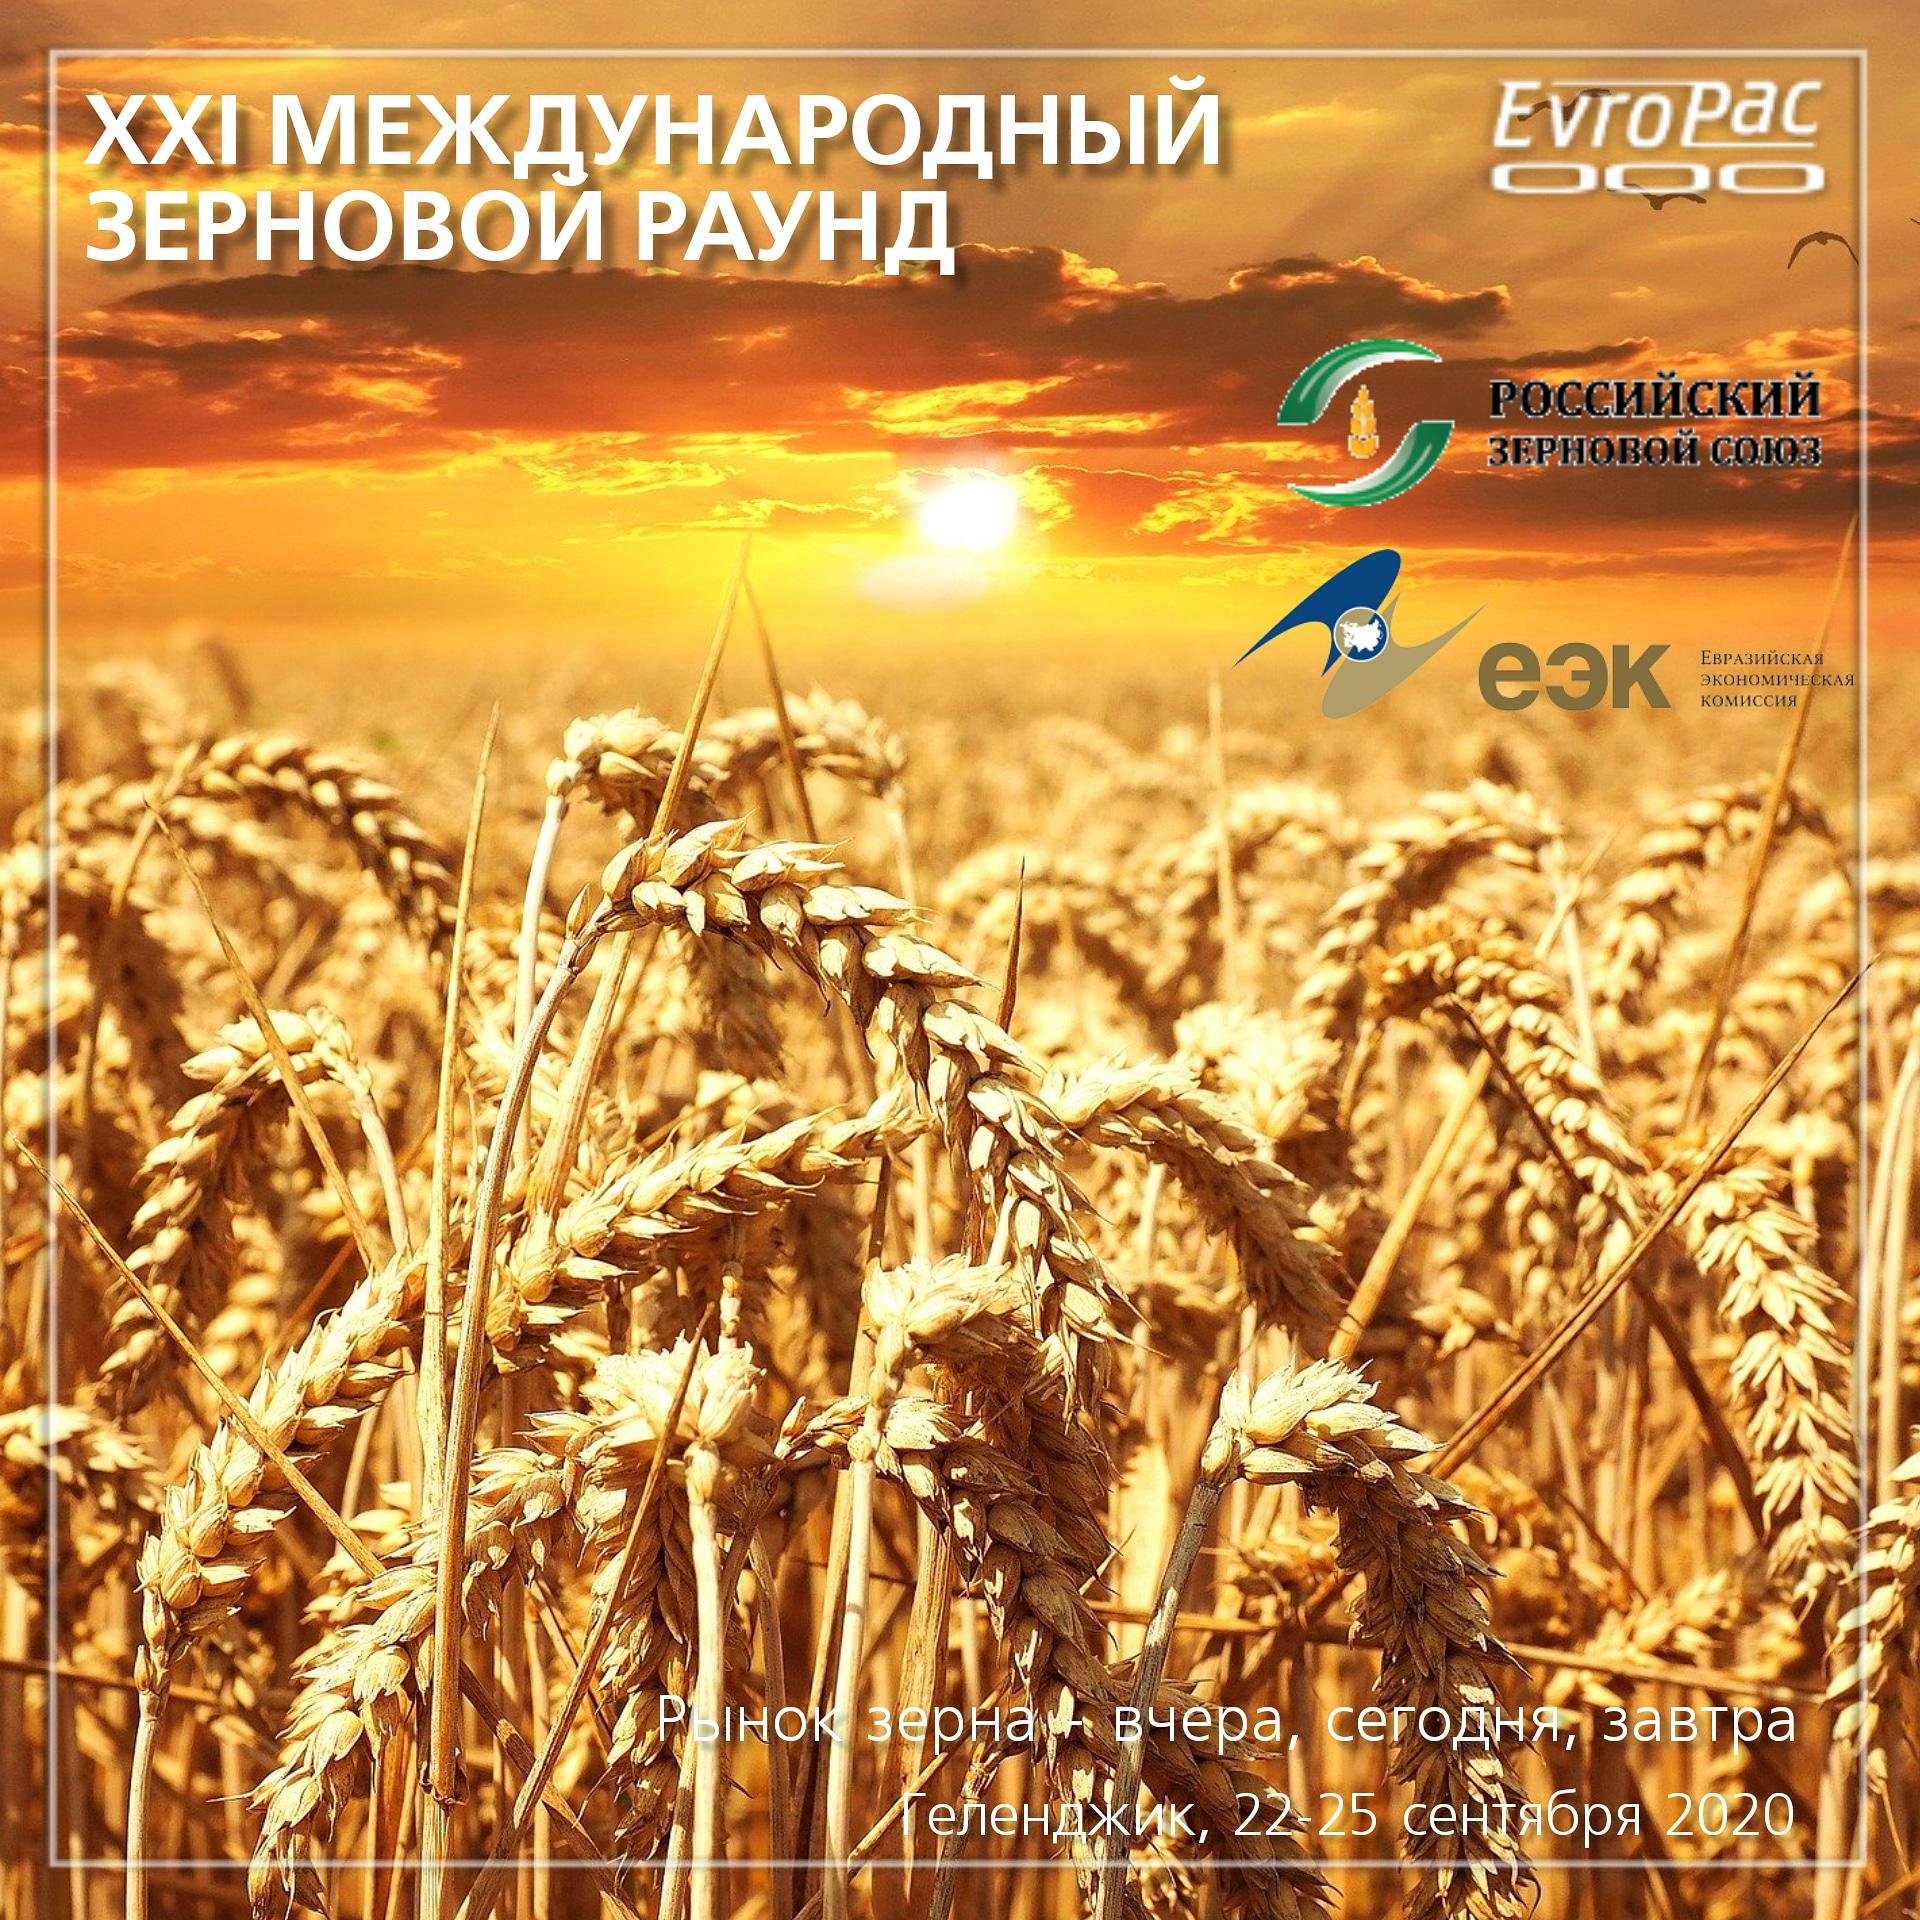 Вакансии международная зерновая компания официальный сайт создание сайтов на ukit